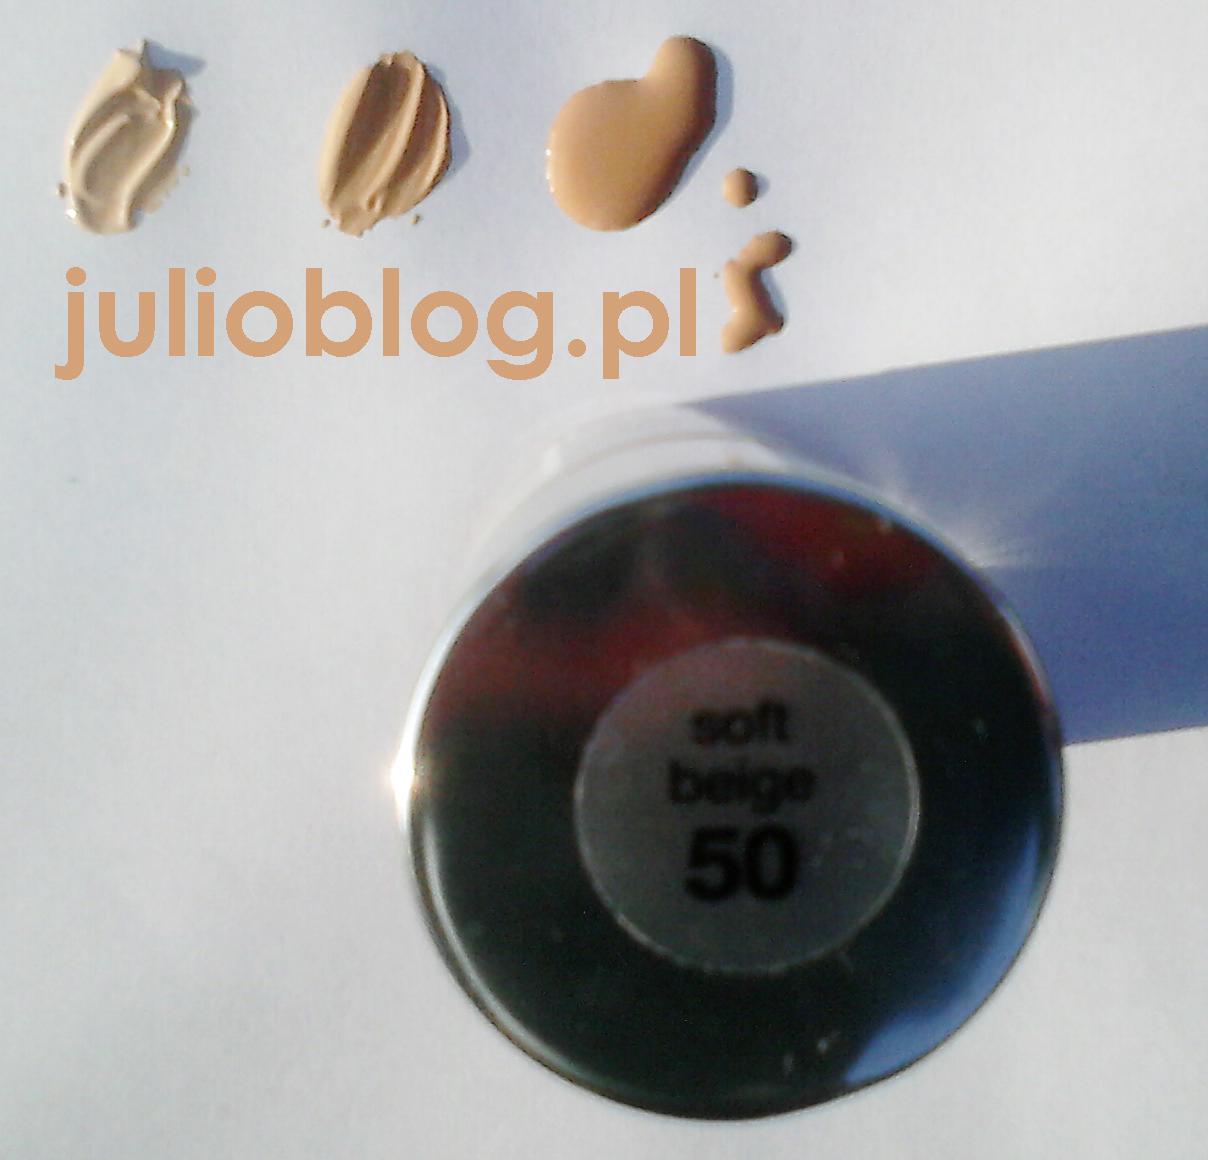 Płynny Podkład do twarzy Neutrogena Healthy Skin SPF 20 w odcieniu Soft Beige 50 Podkład Neutrogena Healthy Skin SPF 20. Podkład Neutrogena Healthy Skin Liquid Makeup Broad Spectrum SPF 20. Kryjący lekki podkład rozświetlający. Jedwabista i ultralekka formuła pozwala zachować świeży i młody wygląd przez wiele godzin. Niezwykła łatwość w rozprowadzaniu, antyoksydanty oraz SPF 20 czynią ten podkład nowym rewelacyjnym odkryciem Neutrogeny. Skład: Water, Cyclopentasiloxane, Ethylhexyl Palmitate, Talc, Cyclohexasiloxane, C12-15 Alkyl Benzoate, Butylene Glycol, Polyglyceryl-4 Diisostearate/Polyhydroxystearate/Sebacate, Cetyl Dimethicone, Cetyl Peg/Ppg-10/1 Dimethicone, Magnesium Sulfate, Cyclomethicone, Boron Nitride, Hdi/Trimethylol Hexyllactone Crosspolymer, Stearoxymethicone/Dimethicone Copolymer, Ppg-12/Smdi Copolymer, Tocopherol, Pentaerythrityl Tetra-Di-T-Butyl Hydroxyhydrocinnamate, Alumina, Polyhydroxystearic Acid, Silica, Soymilk Powder, Glycerin, Dimethicone, Chrysanthemum Parthenium (Feverfew) Extract, Quaternium-90 Bentonite, Propylene Carbonate, Silica Silylate, Dimethicone/Vinyl Dimethicone Crosspolymer, Caprylyl Glycol, Sorbic Acid, Aluminum Starch